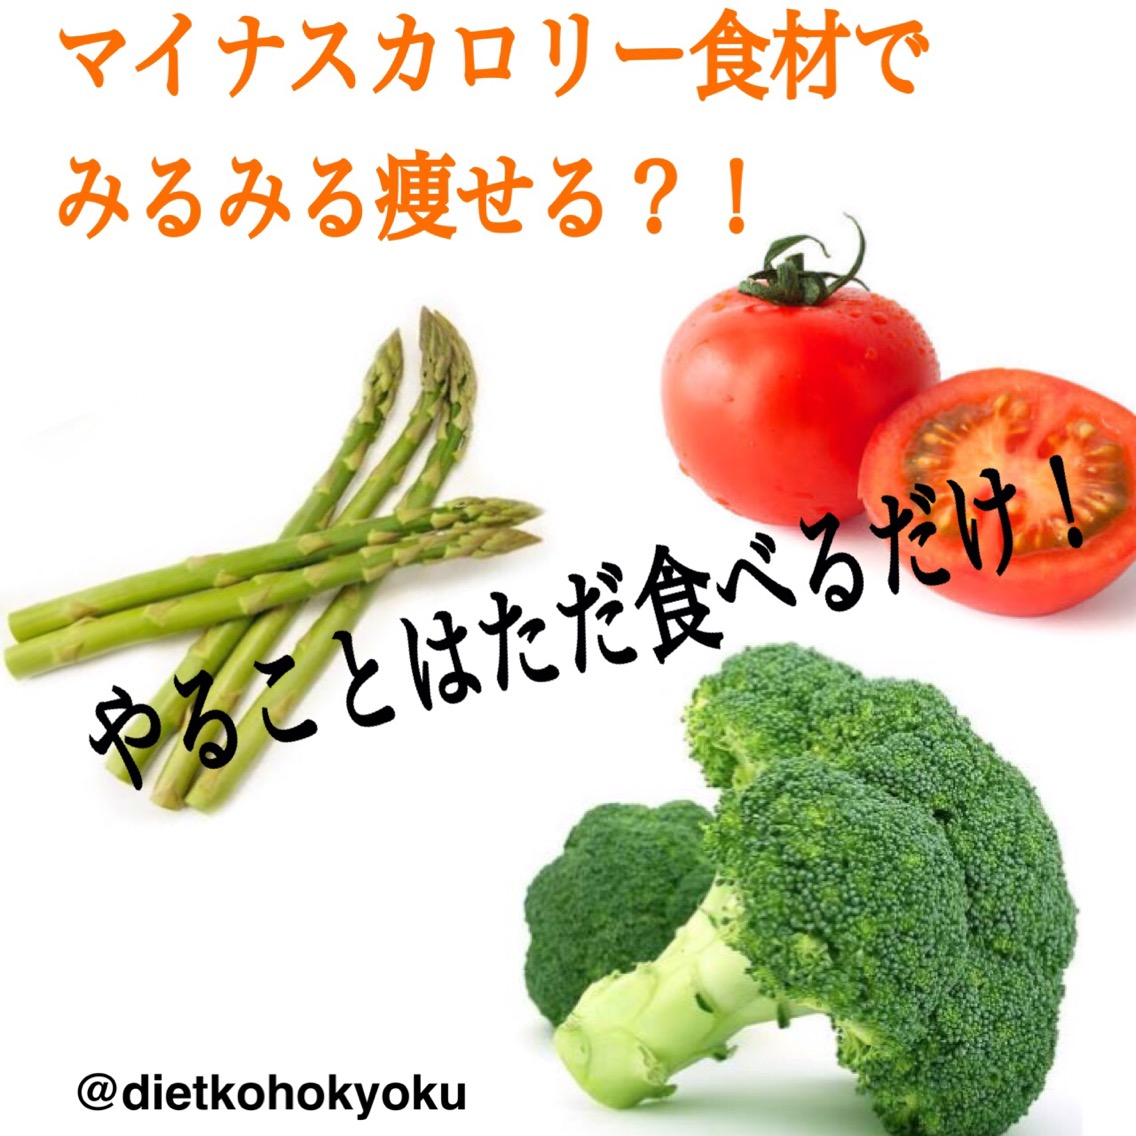 食べれば食べるほどイイ!!   マイナスカロリー食材とは!?!?